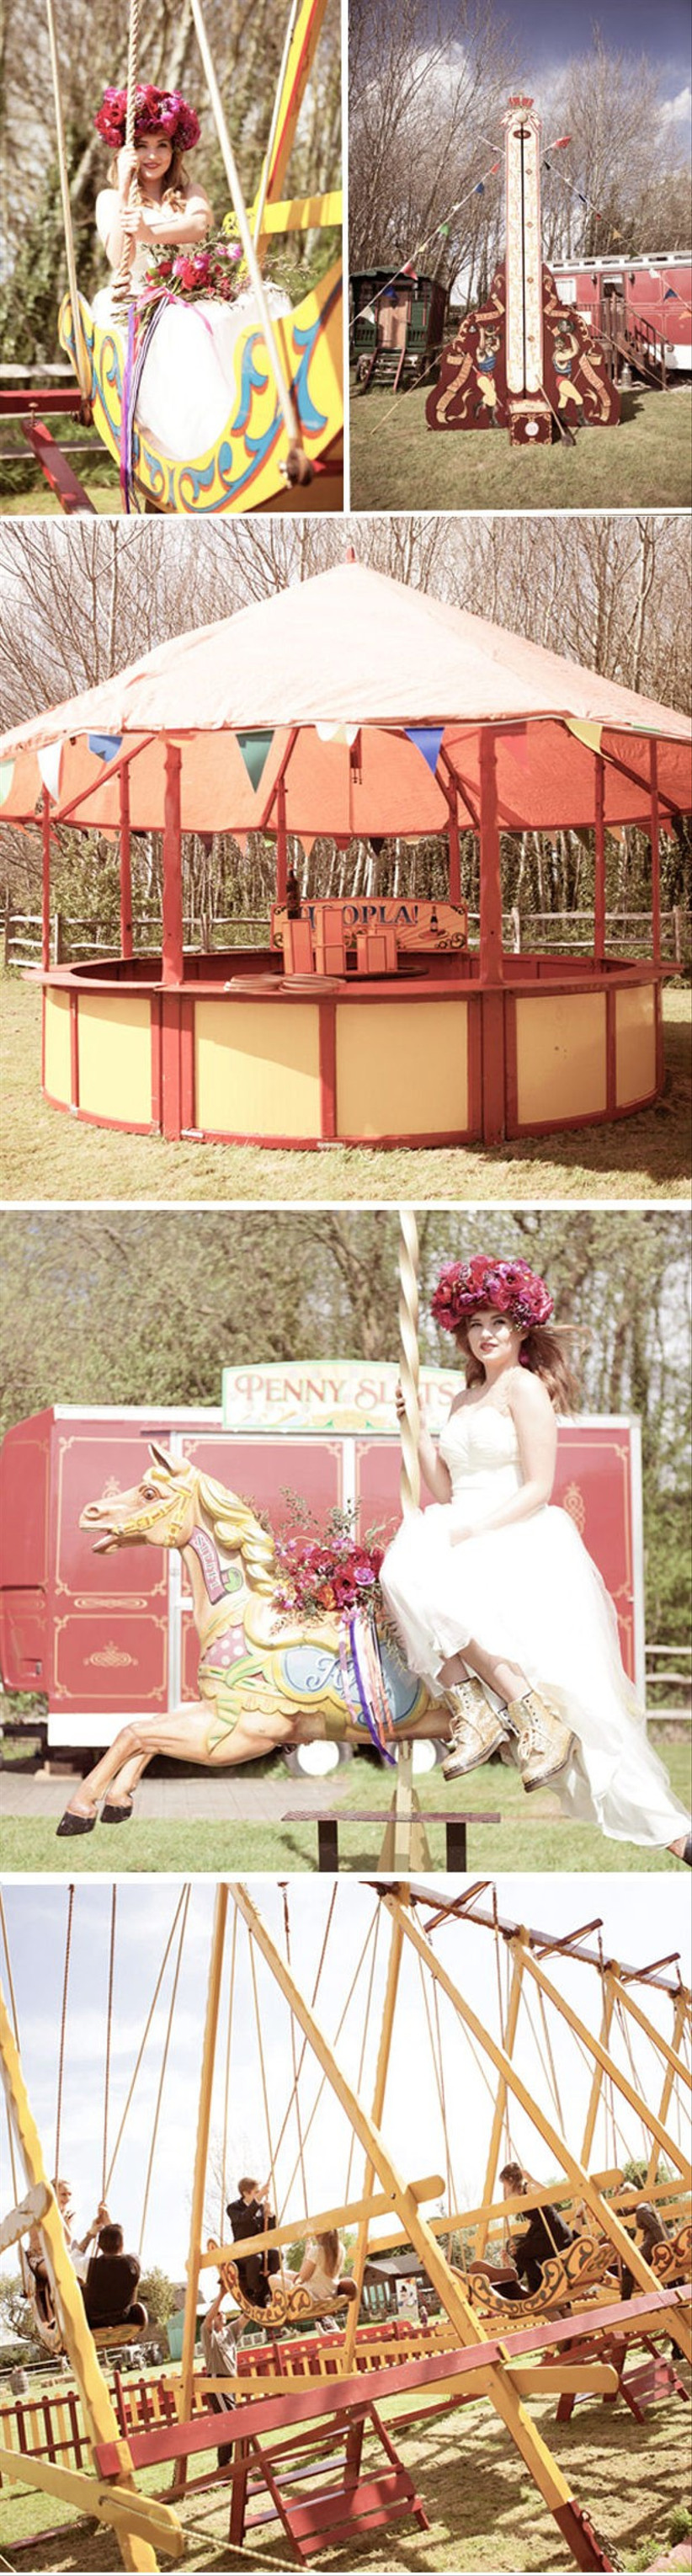 five-fabulous-funfair-wedding-venues-marleybrook-house